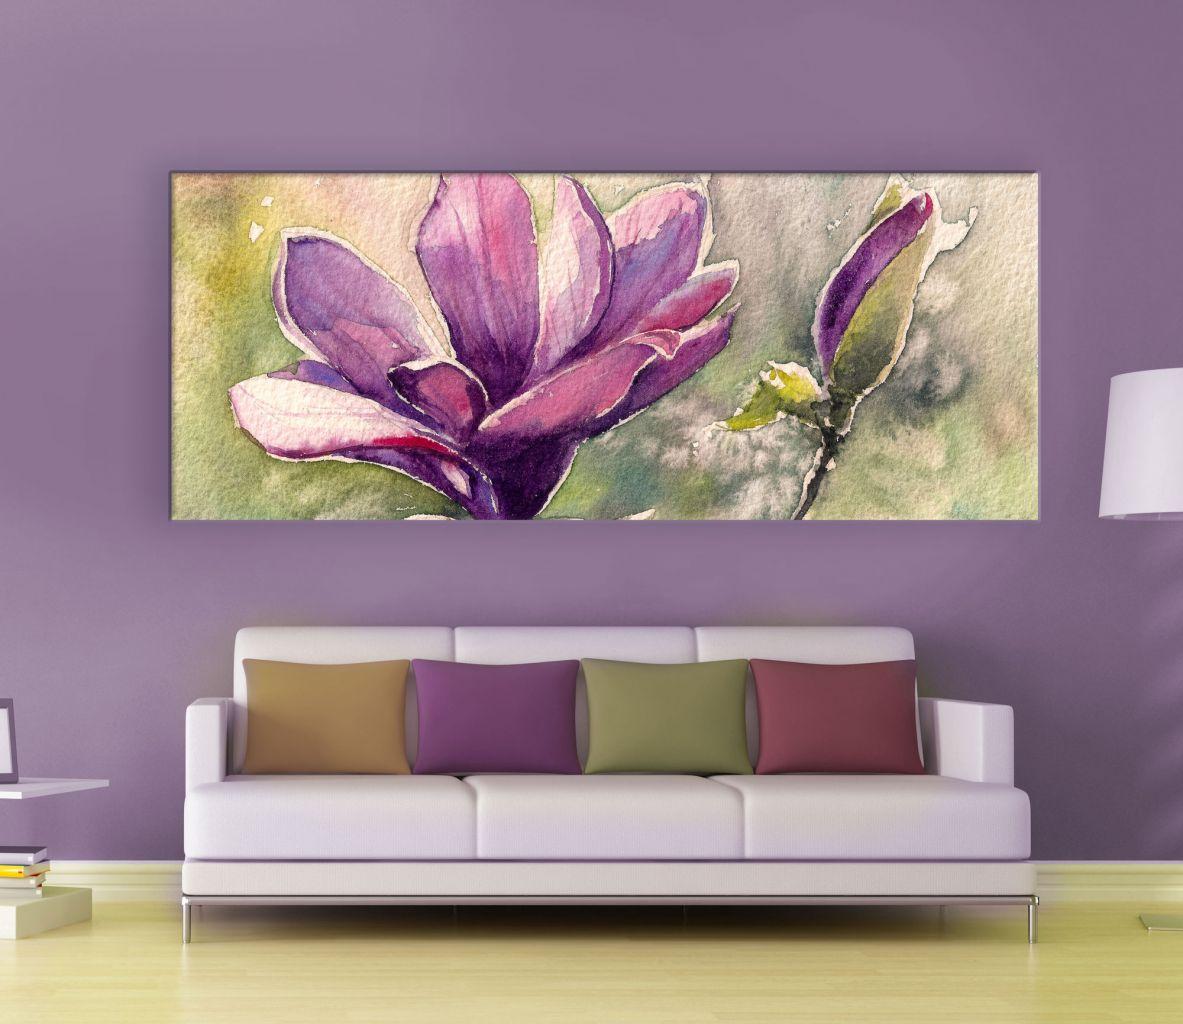 תמונת קנבס בצבעי מים מגנוליה